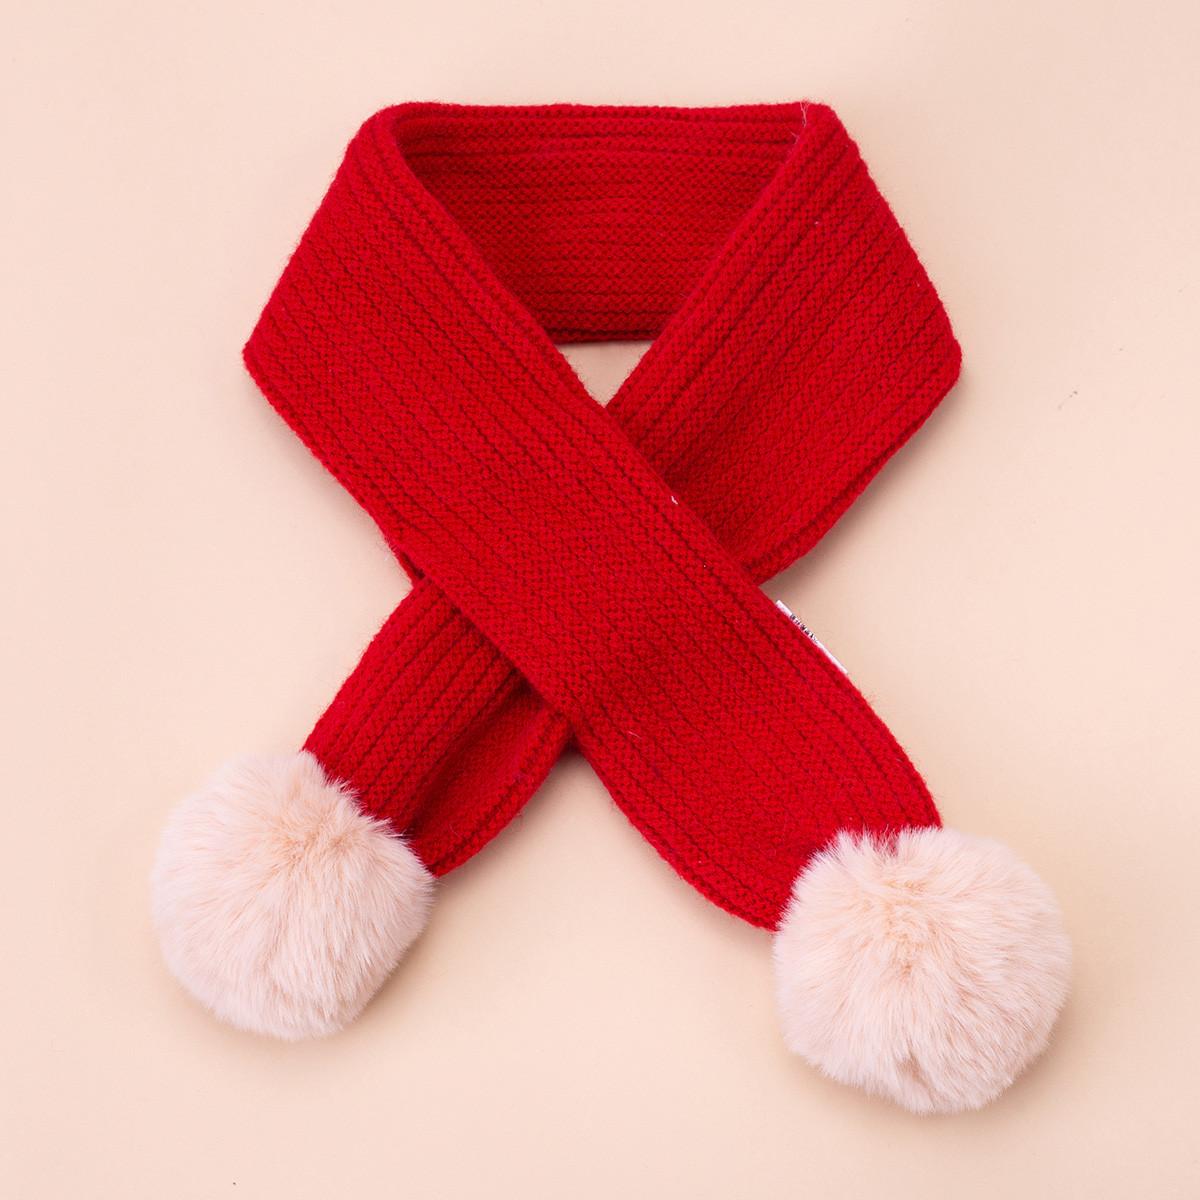 富罗迷富罗迷冬新款女童围巾时尚百搭甜美可爱毛球装饰保暖PS19012WJ01